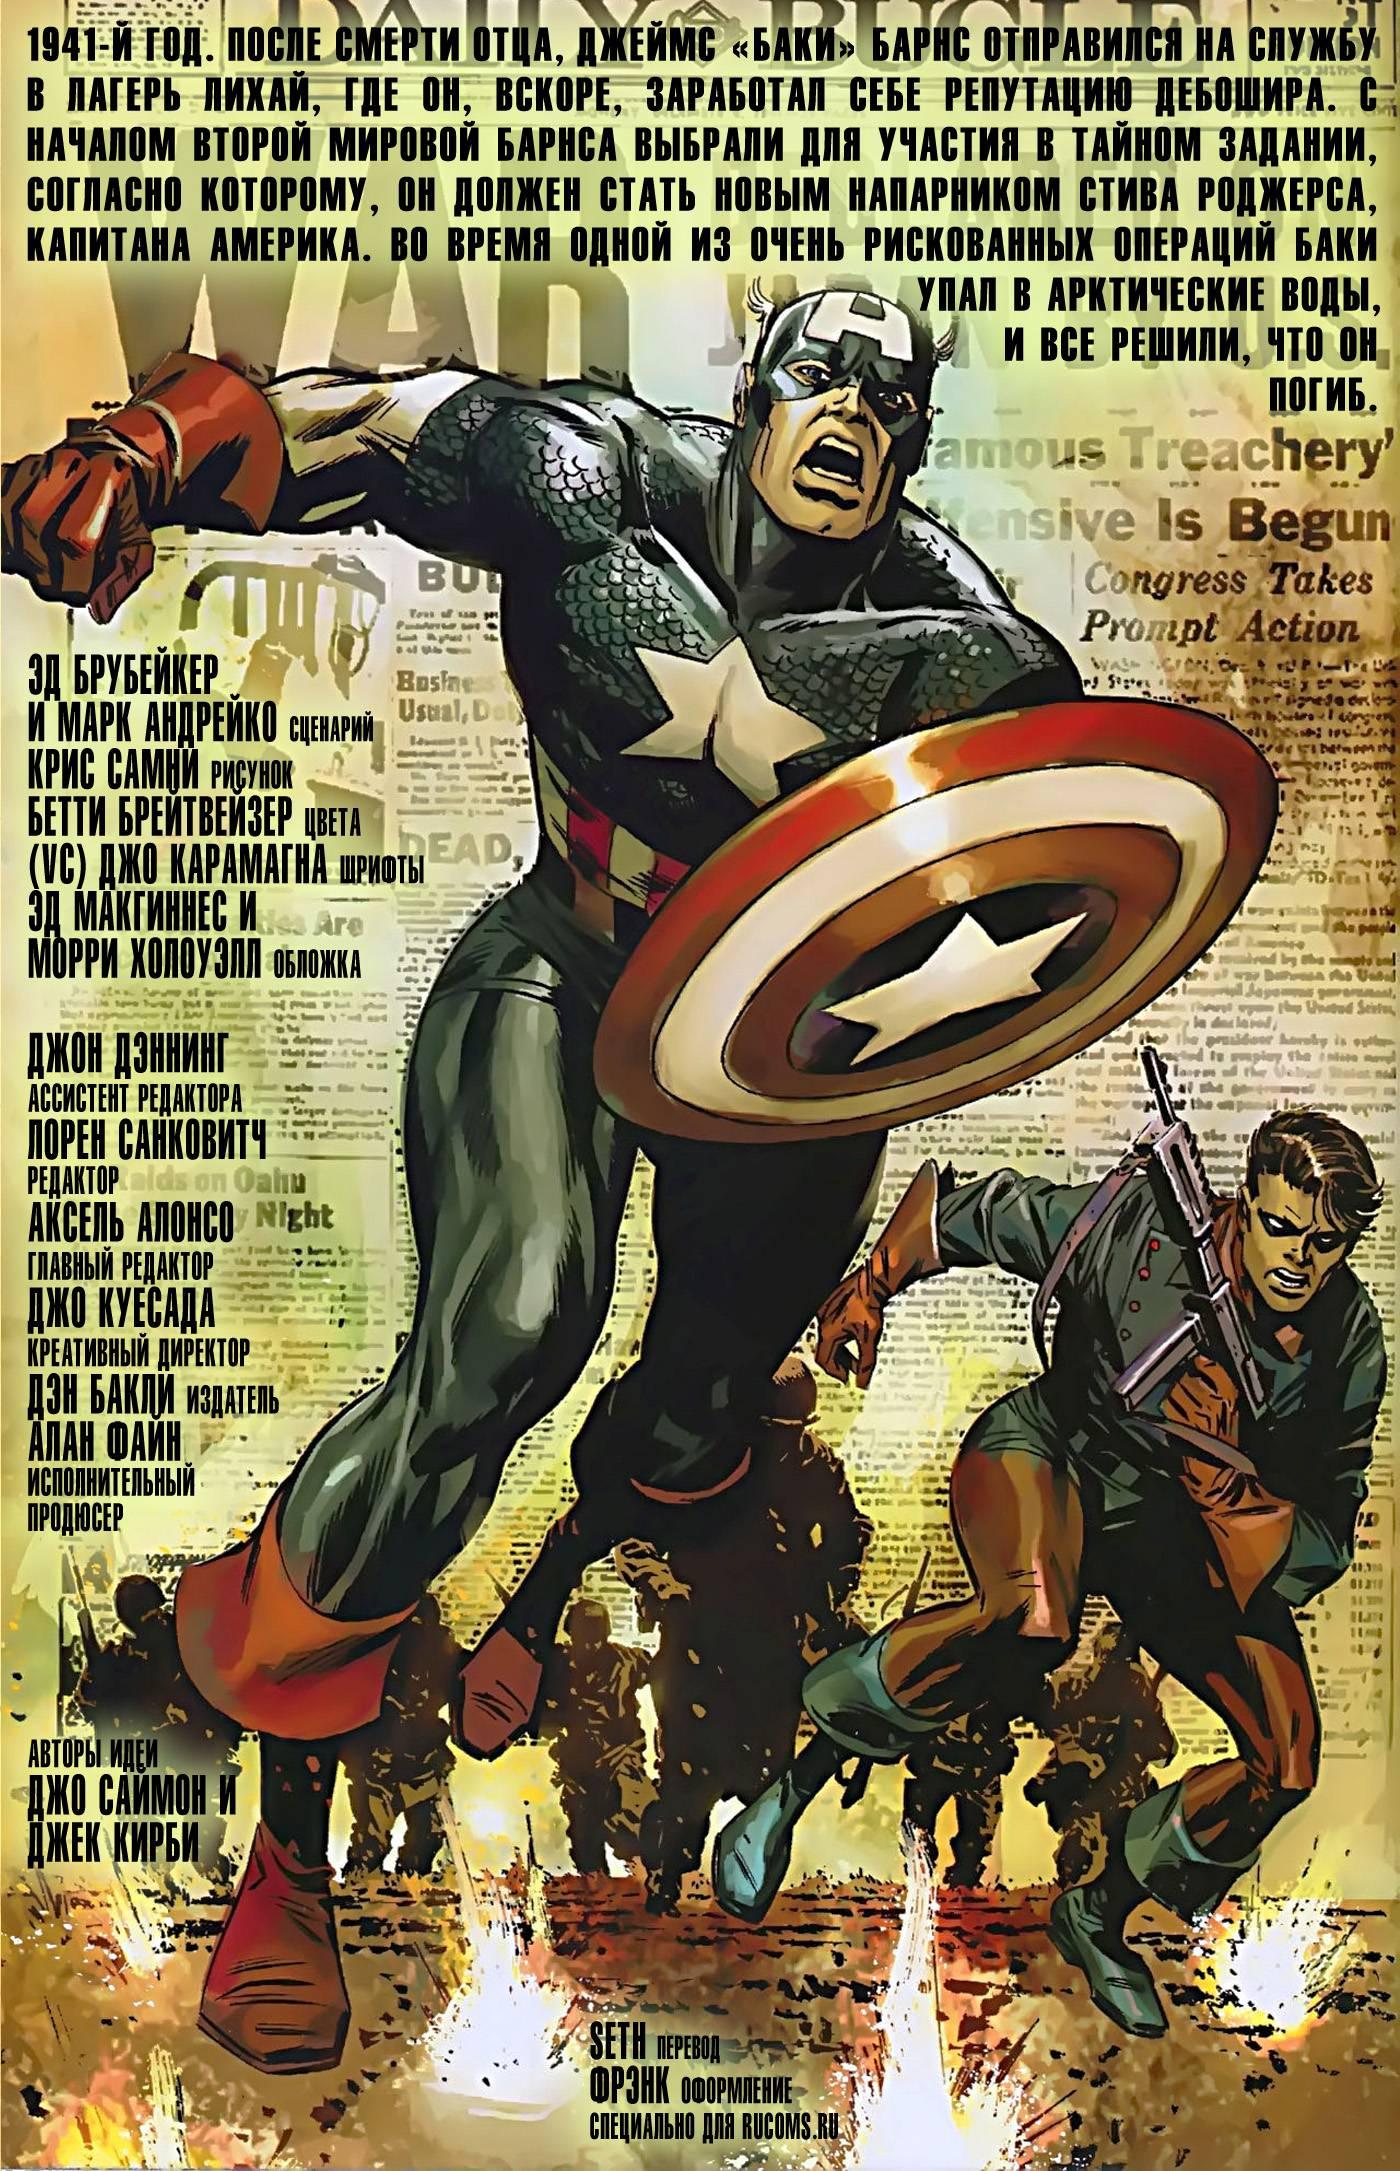 Капитан Америка И Баки №624 онлайн